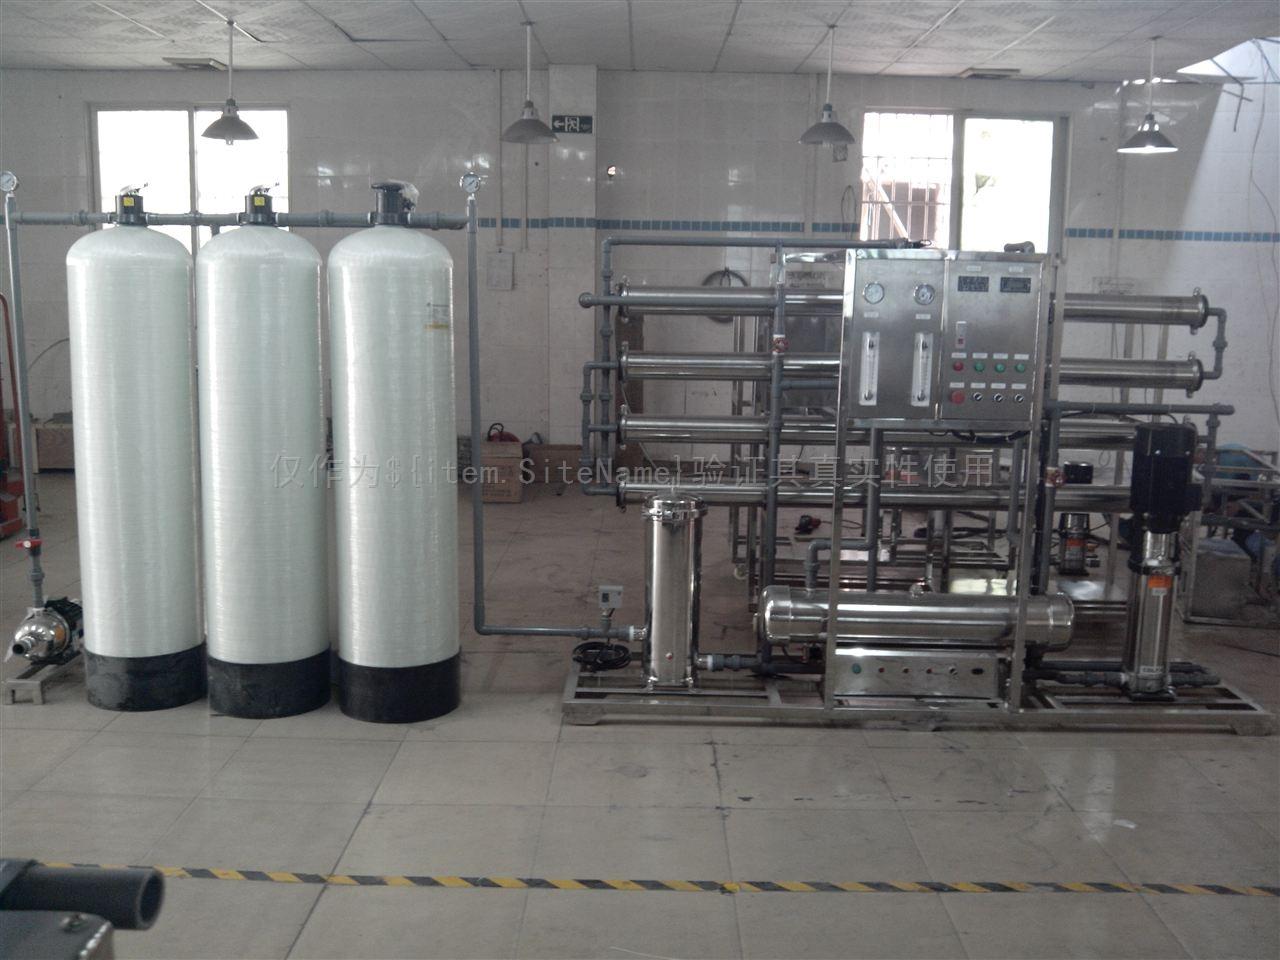 全自动纯净水设备的污染途径